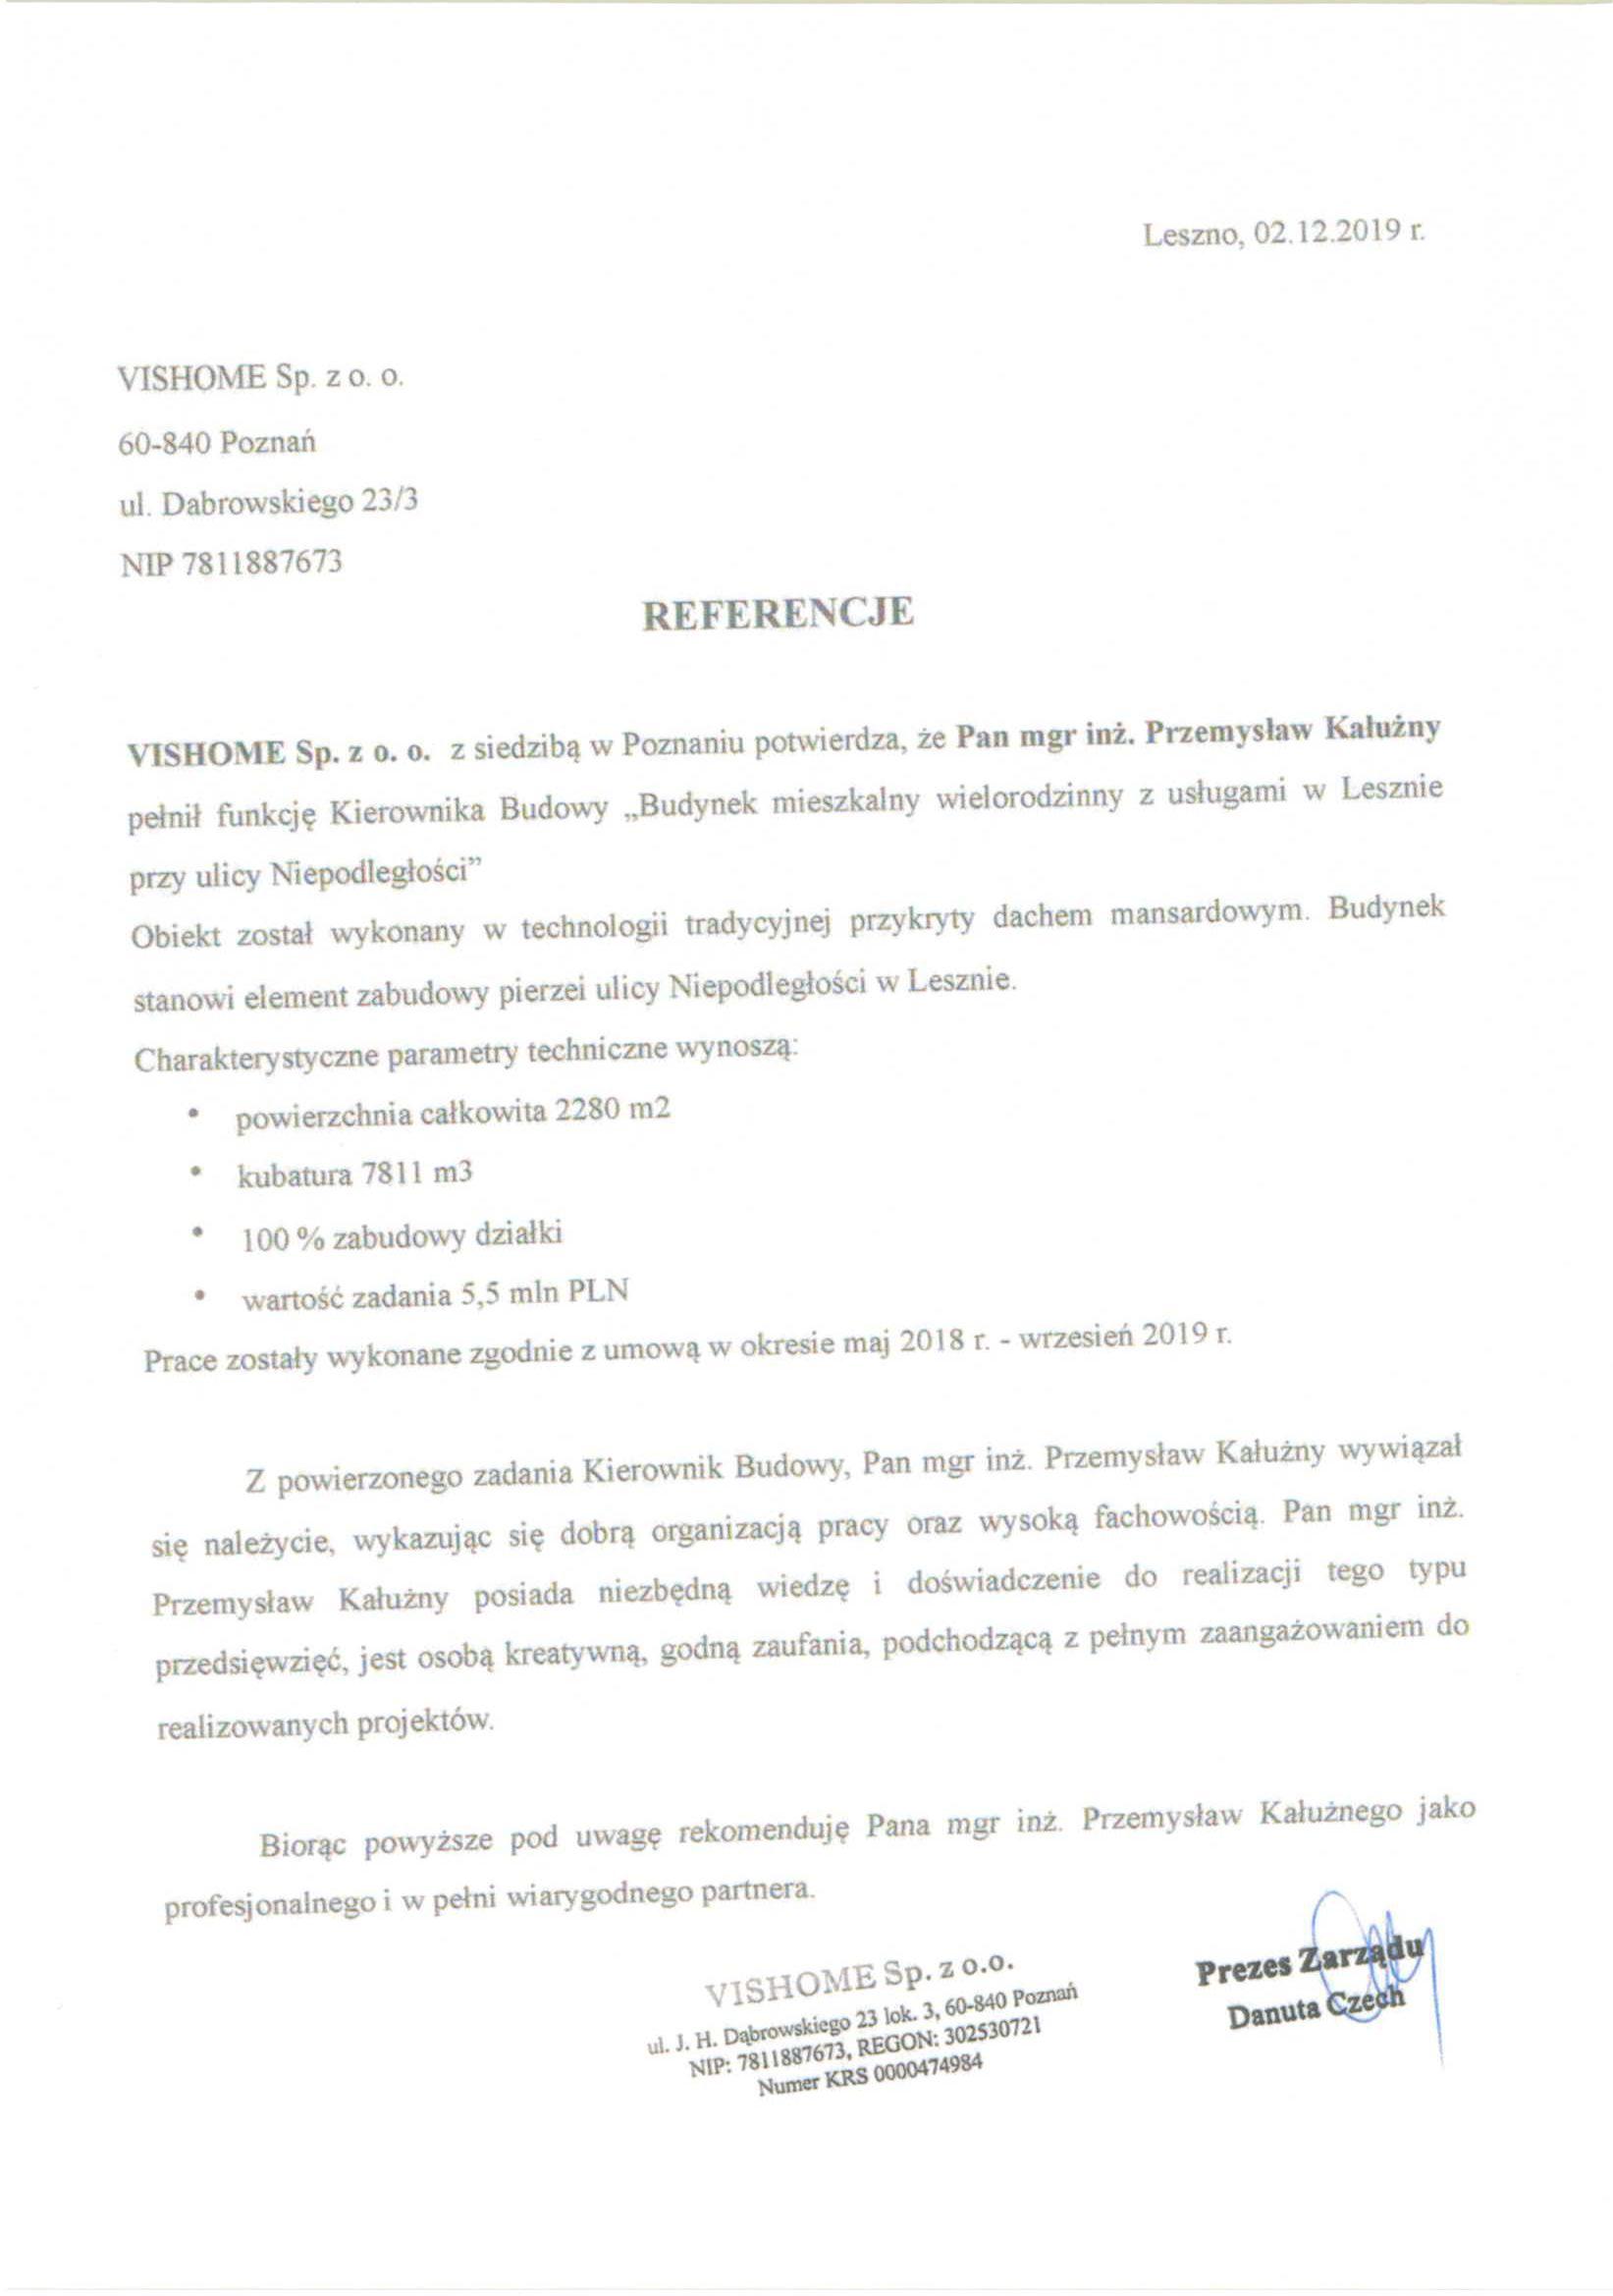 Kliknij i sprawdź listy referencyjne